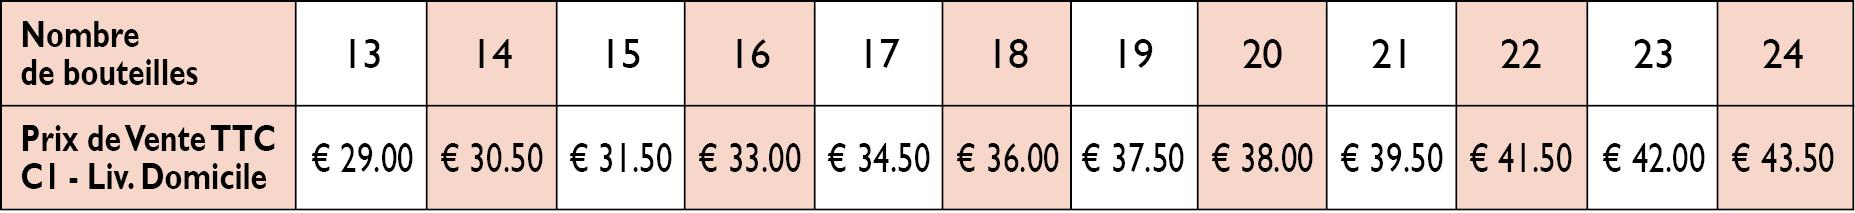 Tarifs livraison à domicile en Belgique, Allemagne, Luxembourg et Pays-Bas de 13 à 24 bouteilles